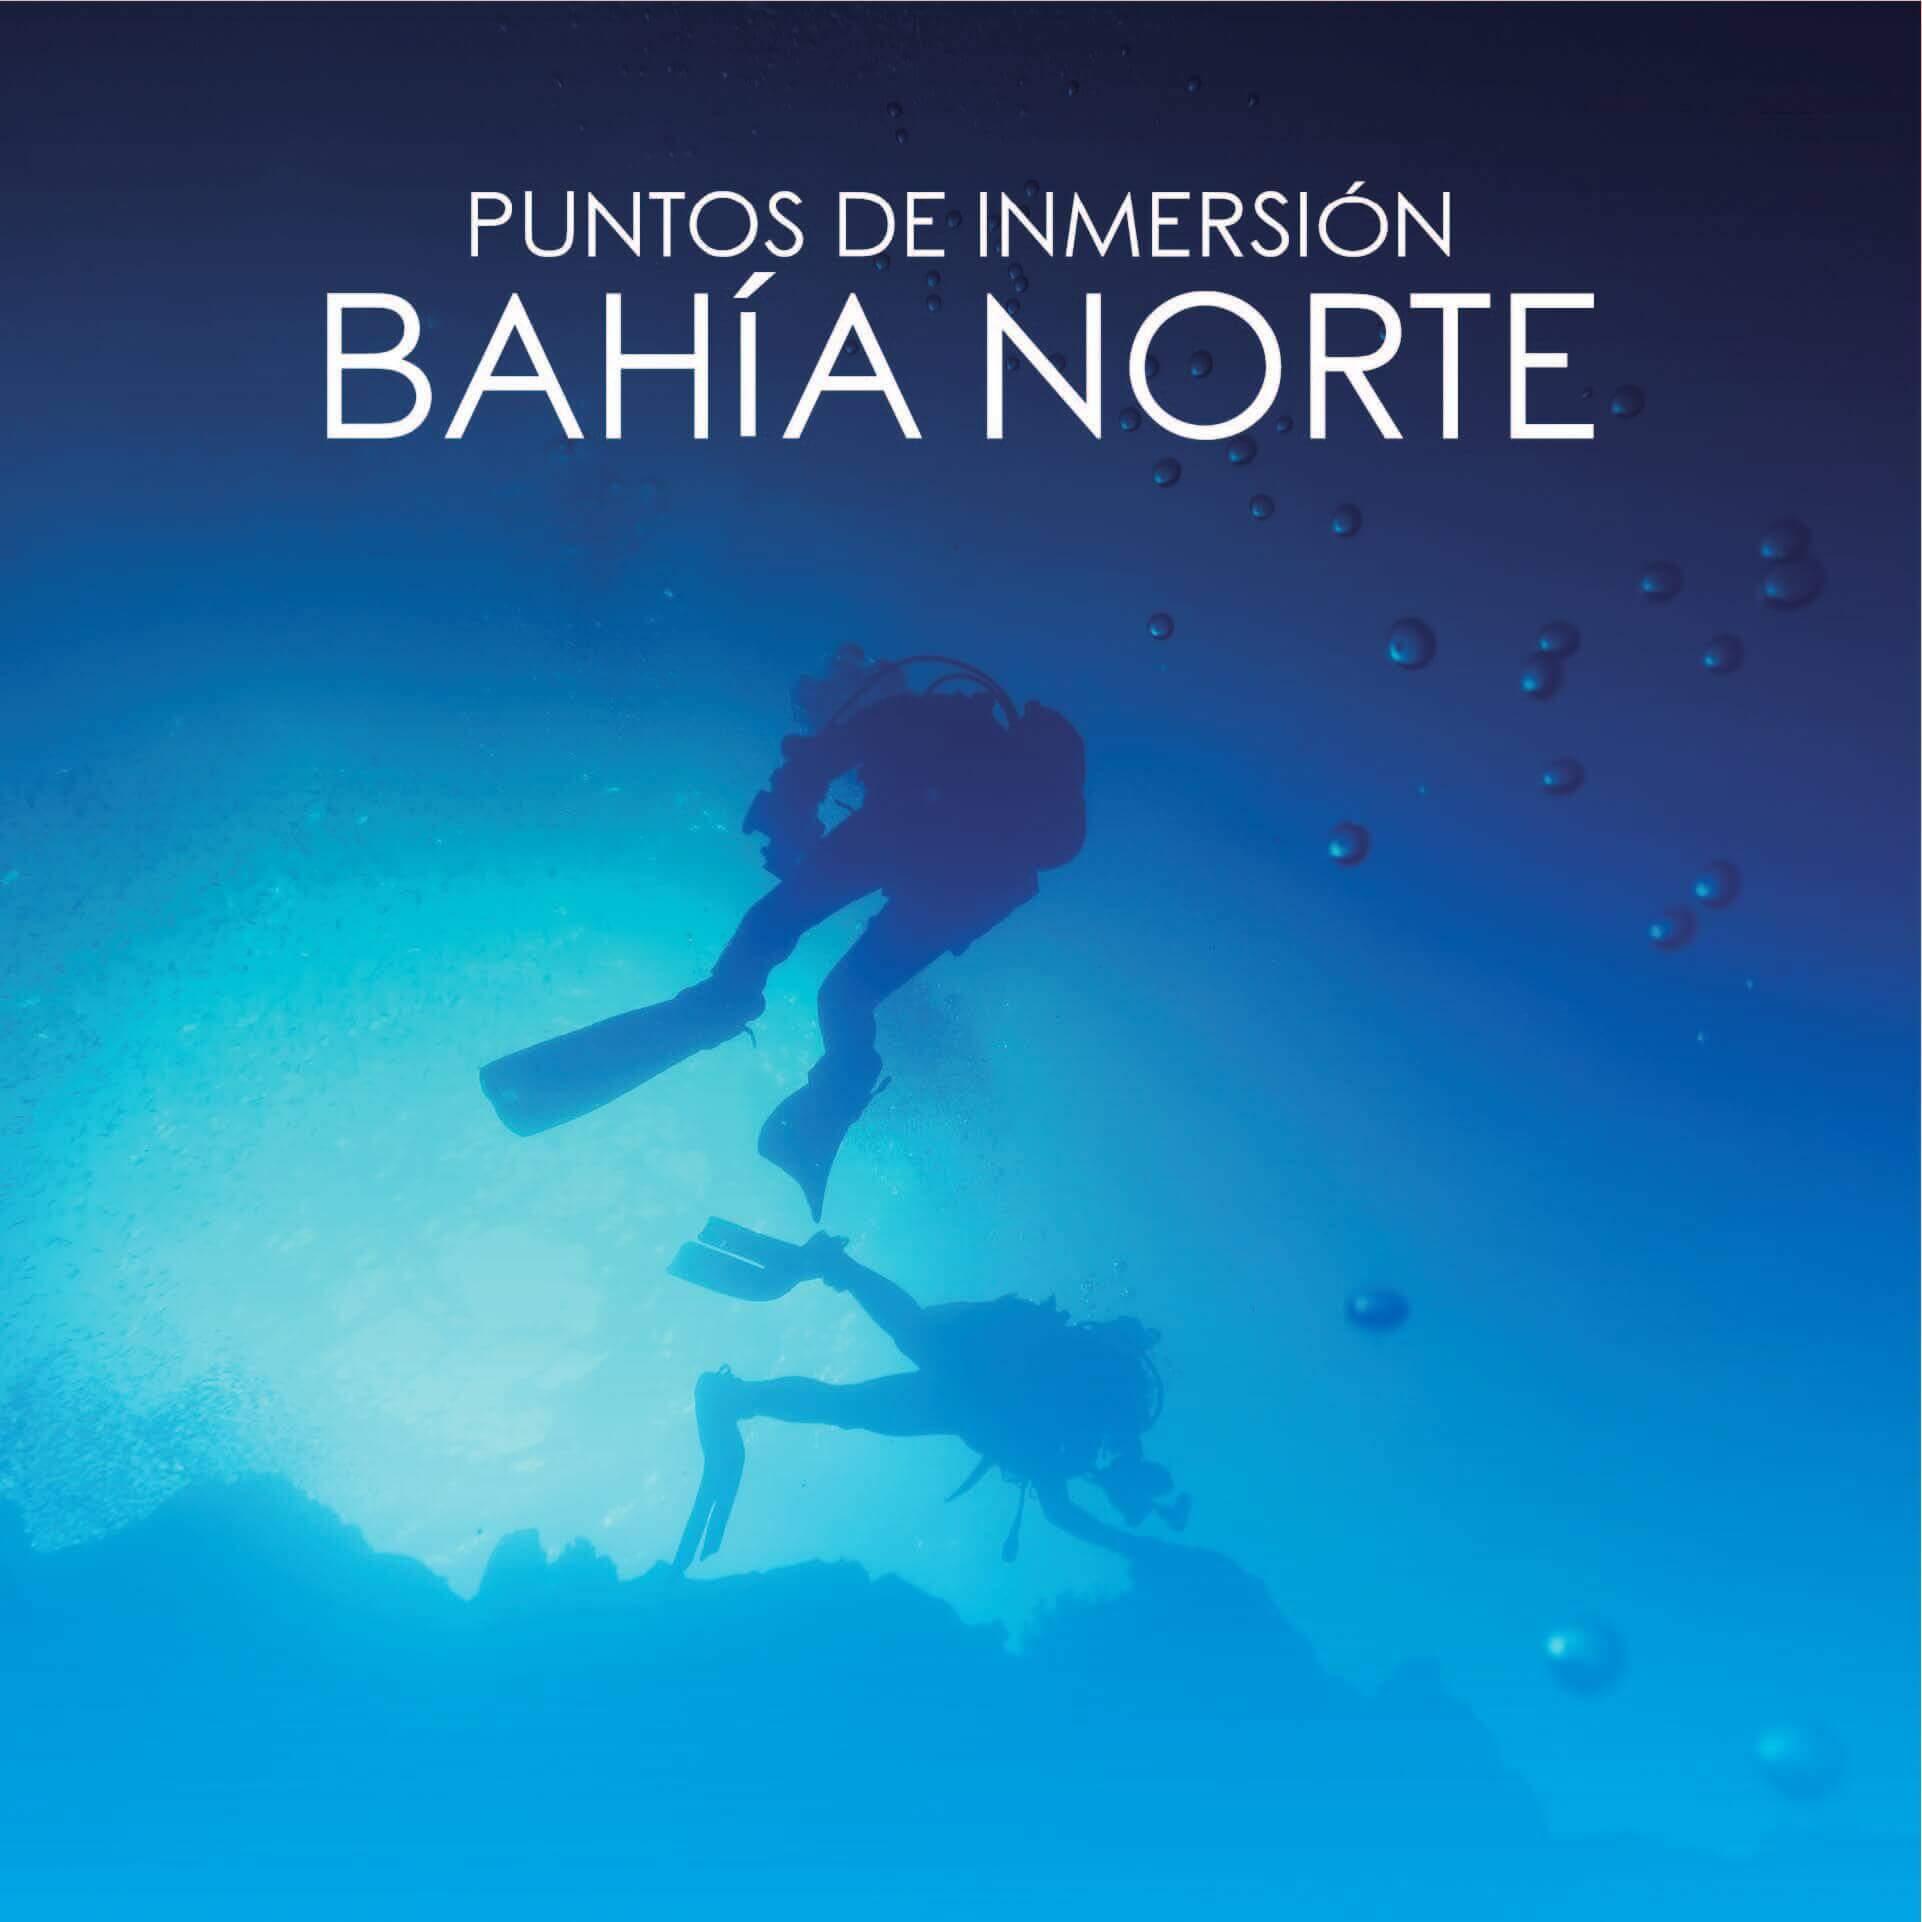 Puntos de Inmersión de la Bahia Nortede Ceuta